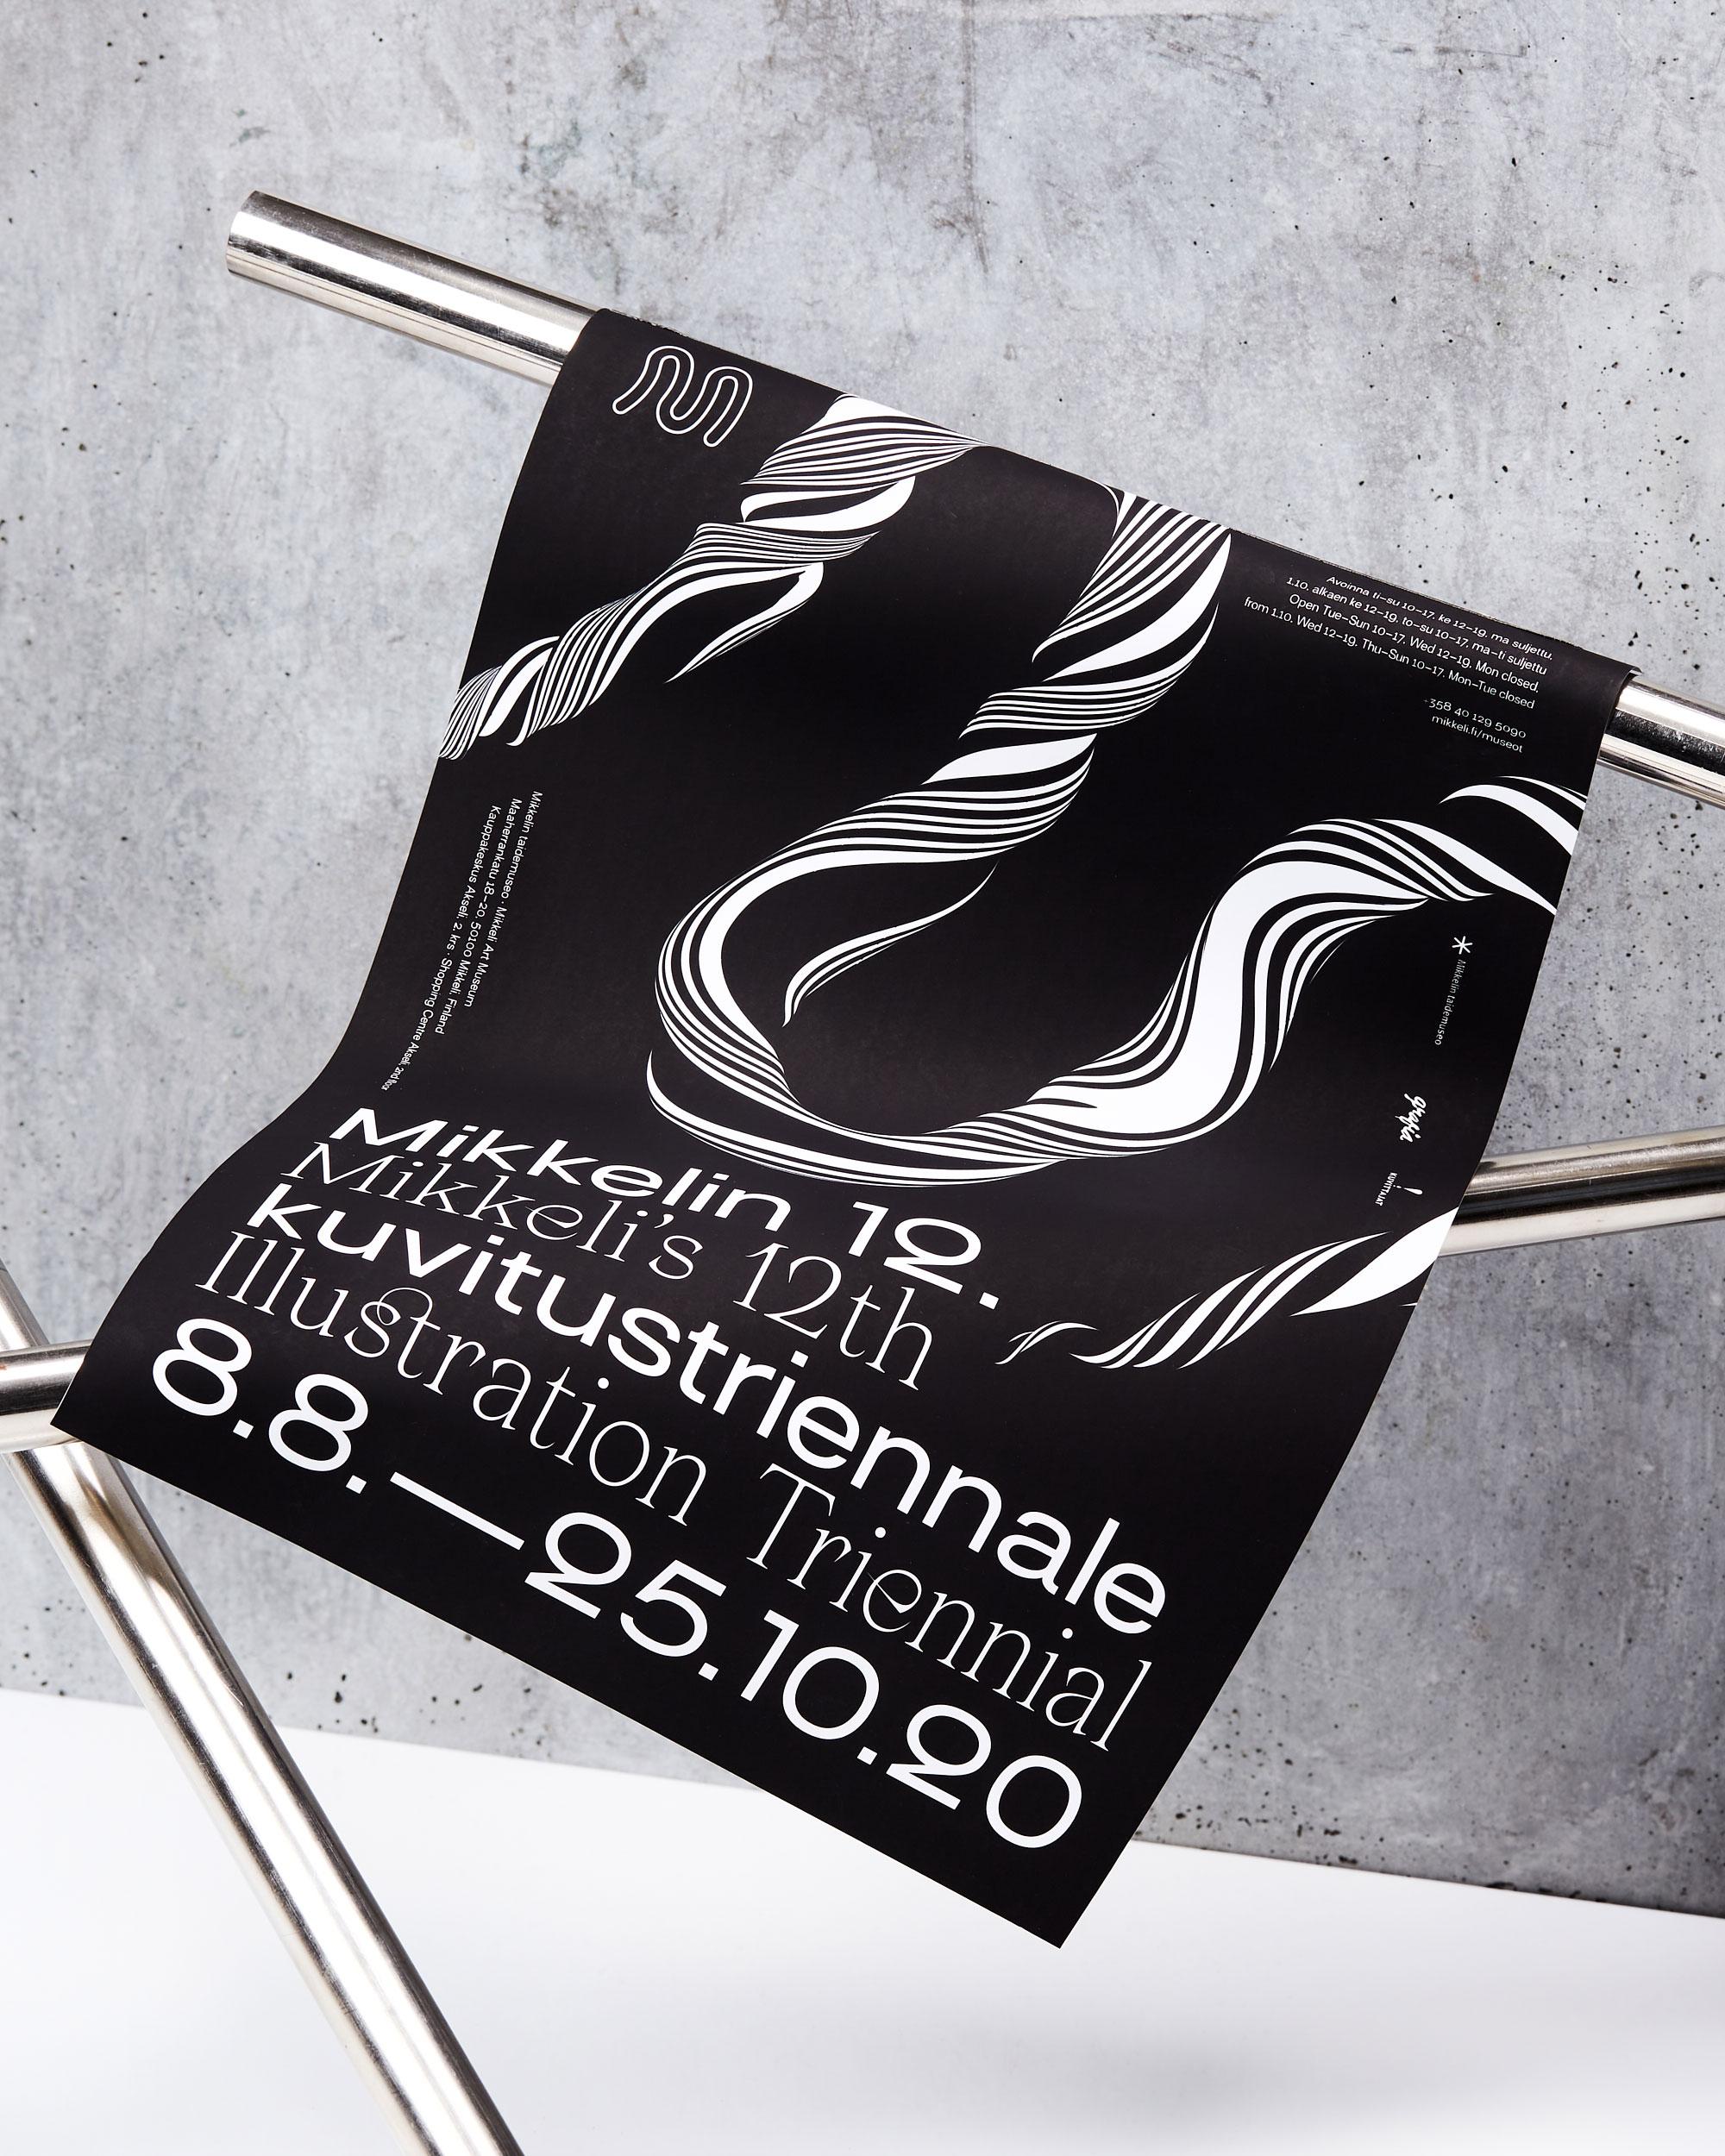 Mikkeli's 12th Illustration Triennial